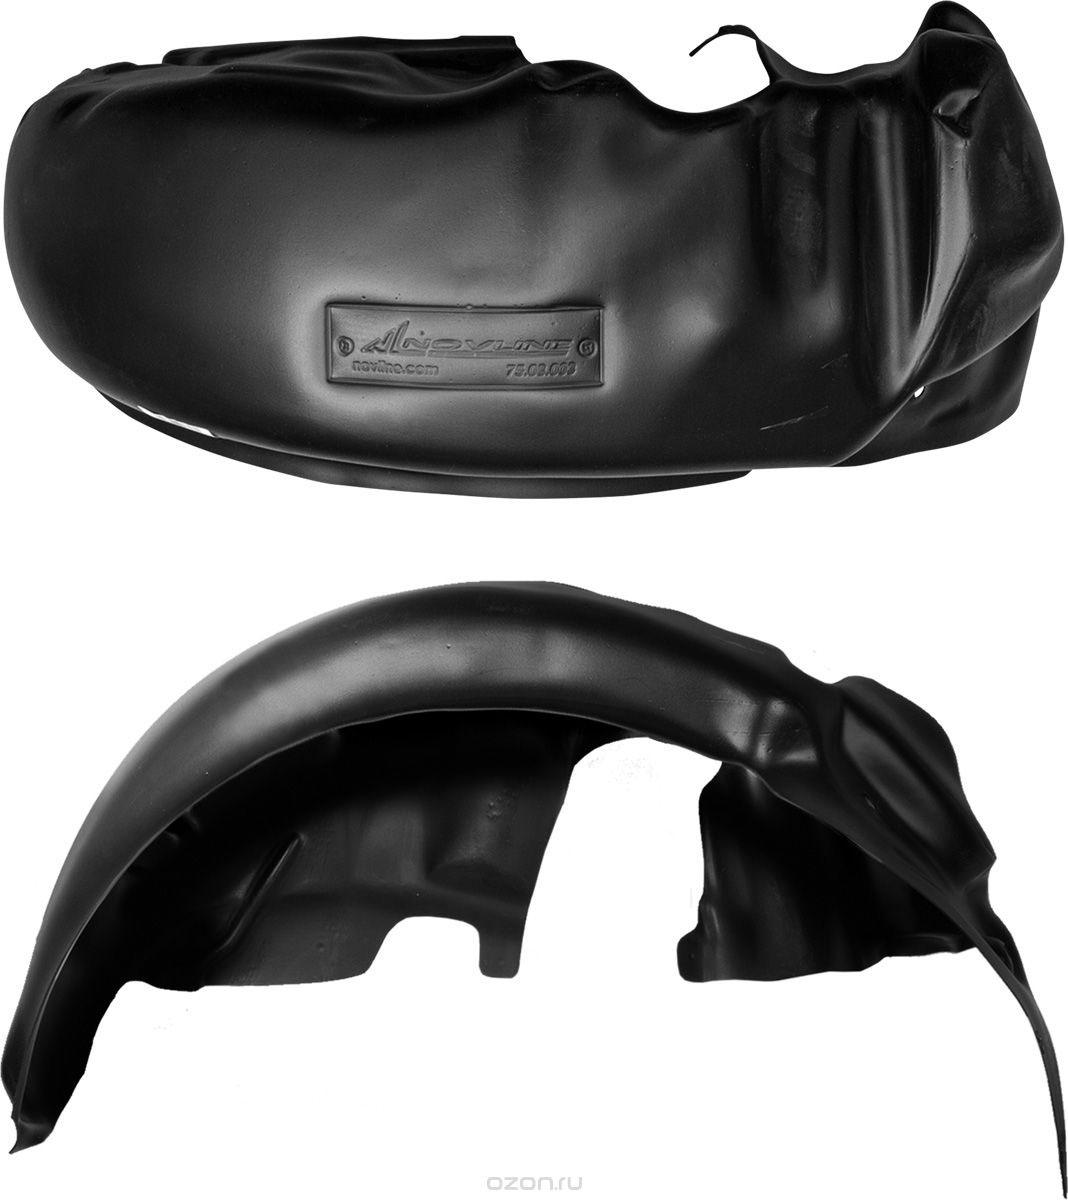 Подкрылок Novline-Autofamily, для CHEVROLET NIVA 3 2002-2008, передний правыйNLL.52.15.002Идеальная защита колесной ниши. Локеры разработаны с применением цифровых технологий, гарантируют максимальную повторяемость поверхности арки. Изделия устанавливаются без нарушения лакокрасочного покрытия автомобиля, каждый подкрылок комплектуется крепежом. Уважаемые клиенты, обращаем ваше внимание, что фотографии на подкрылки универсальные и не отражают реальную форму изделия. При этом само изделие идет точно под размер указанного автомобиля.